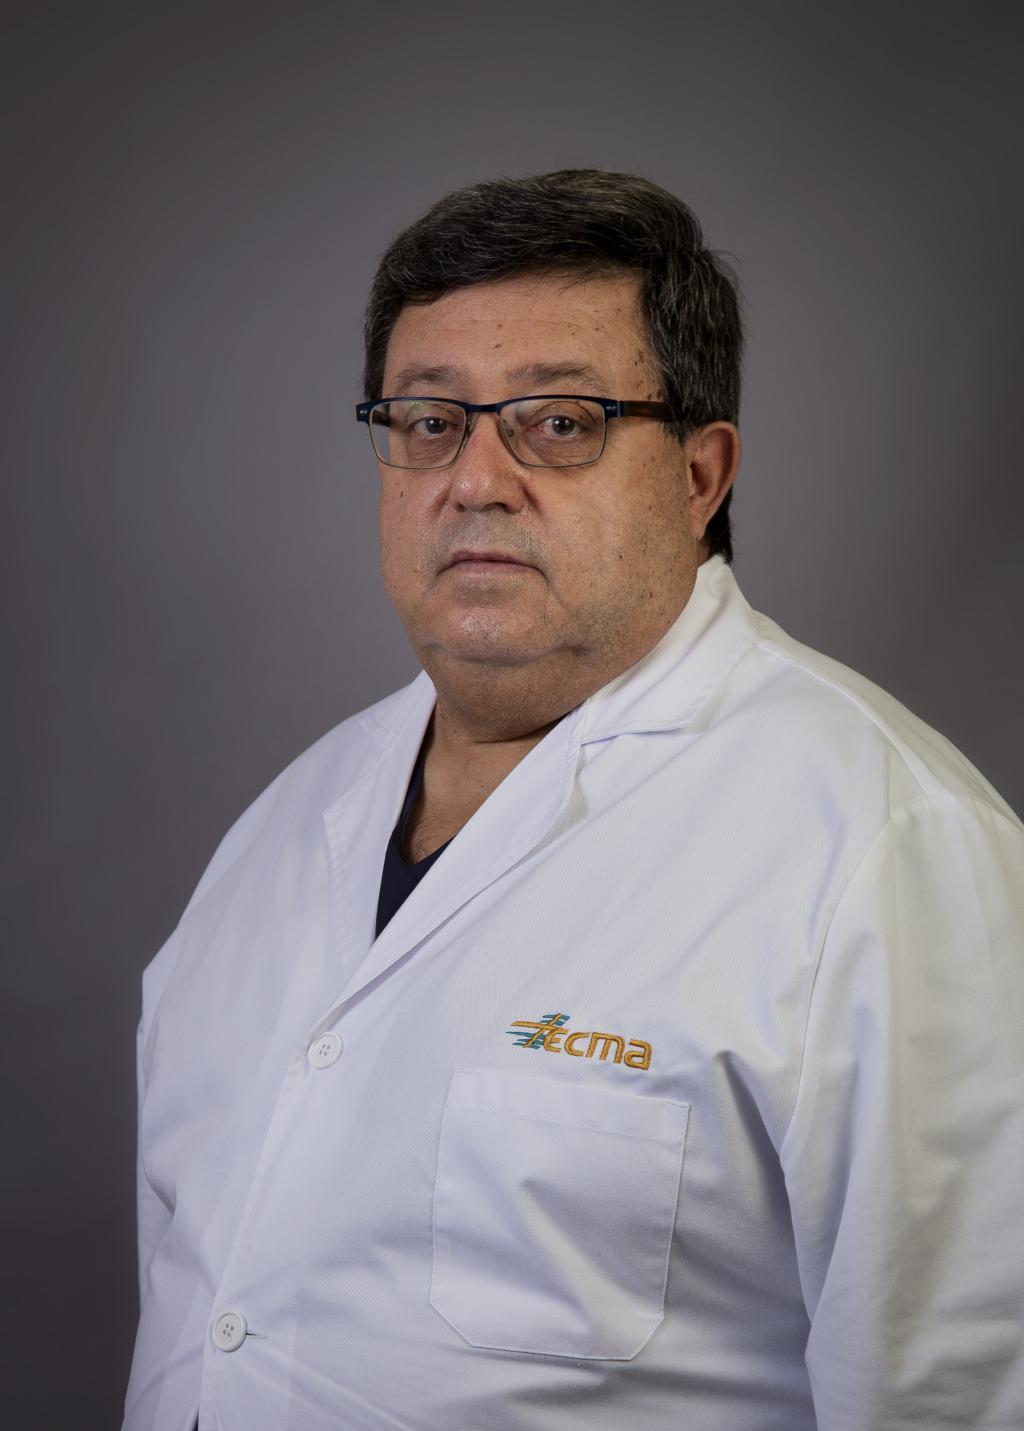 Ramón Calvo García